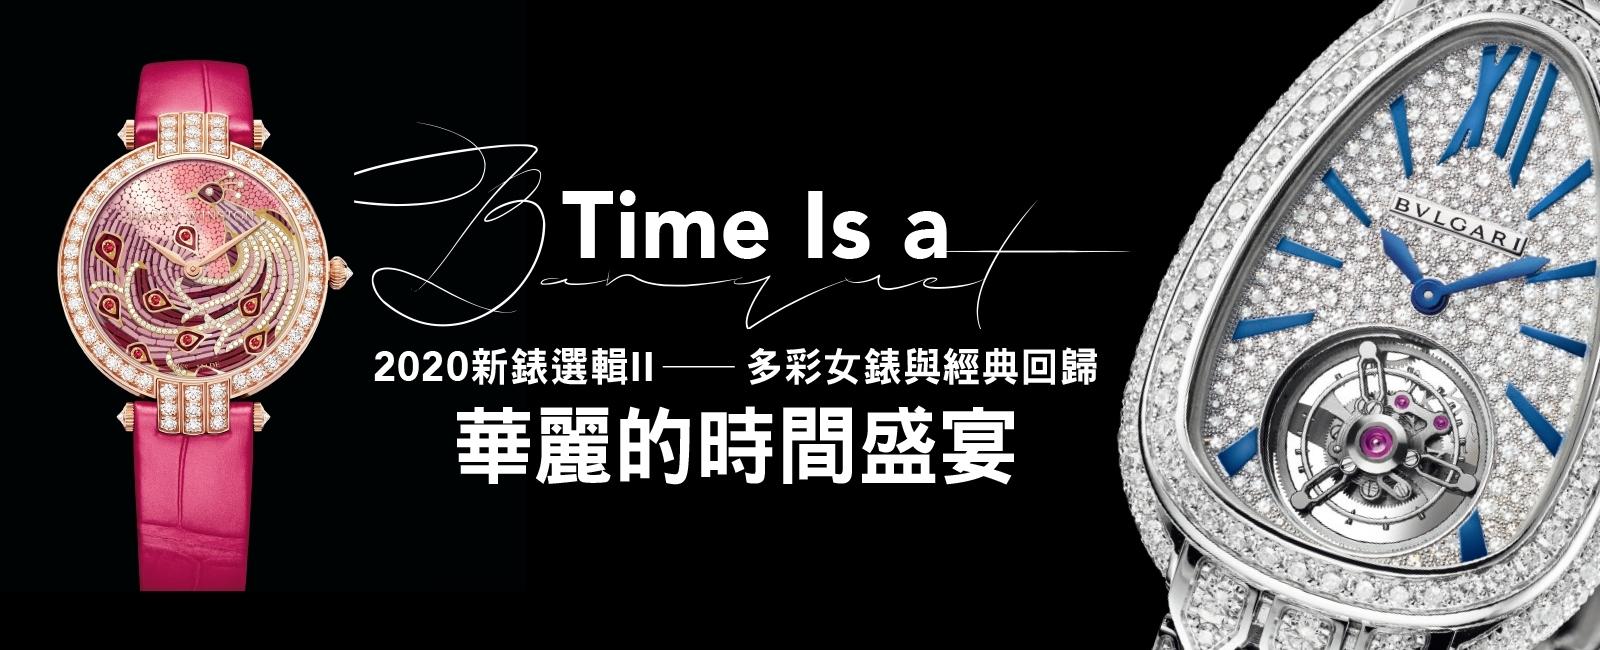 華麗的時間盛宴  2020新錶選輯II——多彩女錶與經典回歸